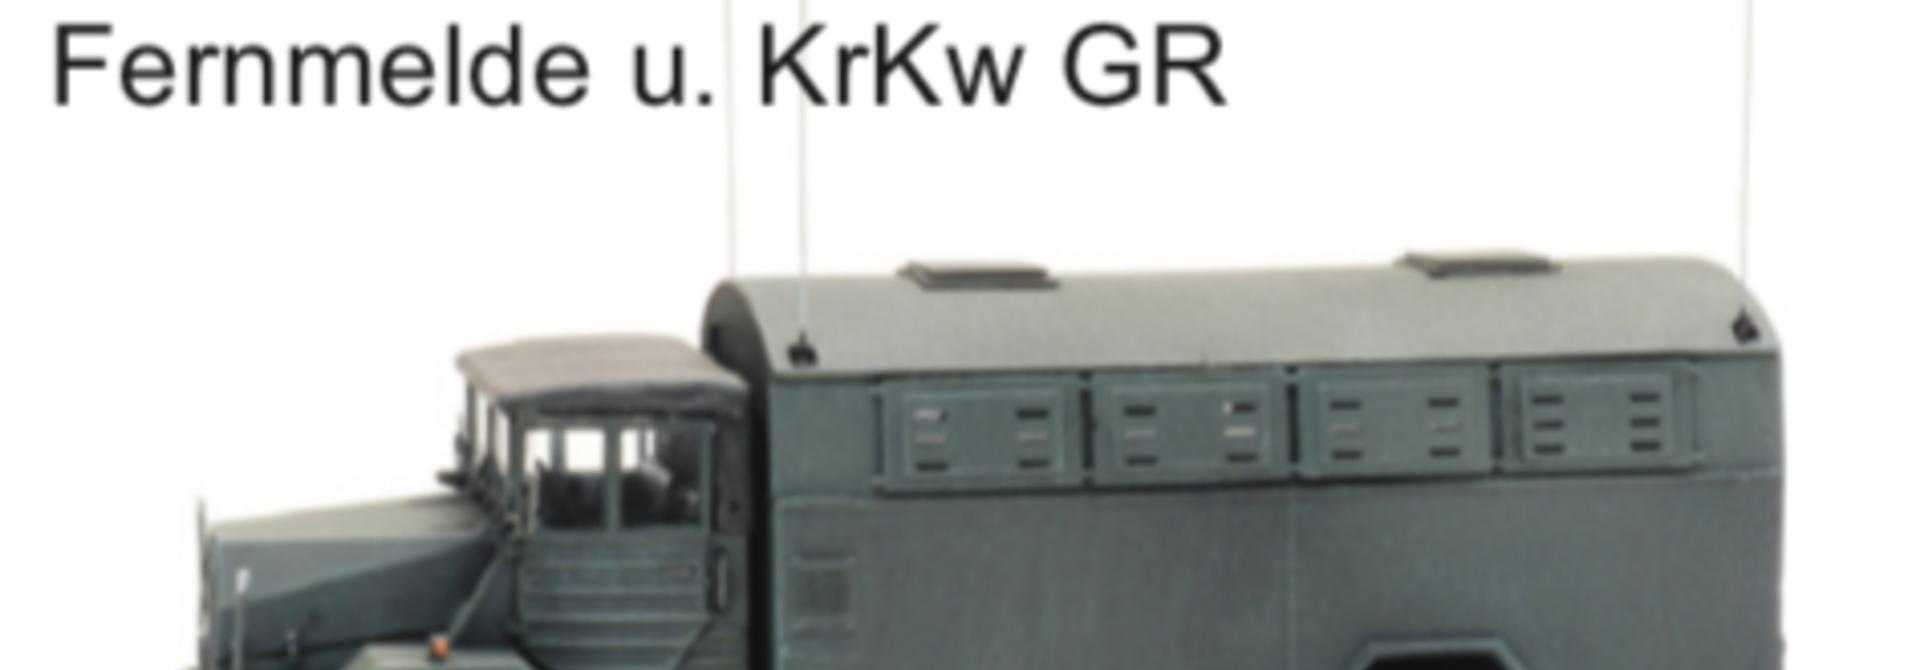 1870172 BRD MAN 630 L2 A Fernmelde u. KrKw GR